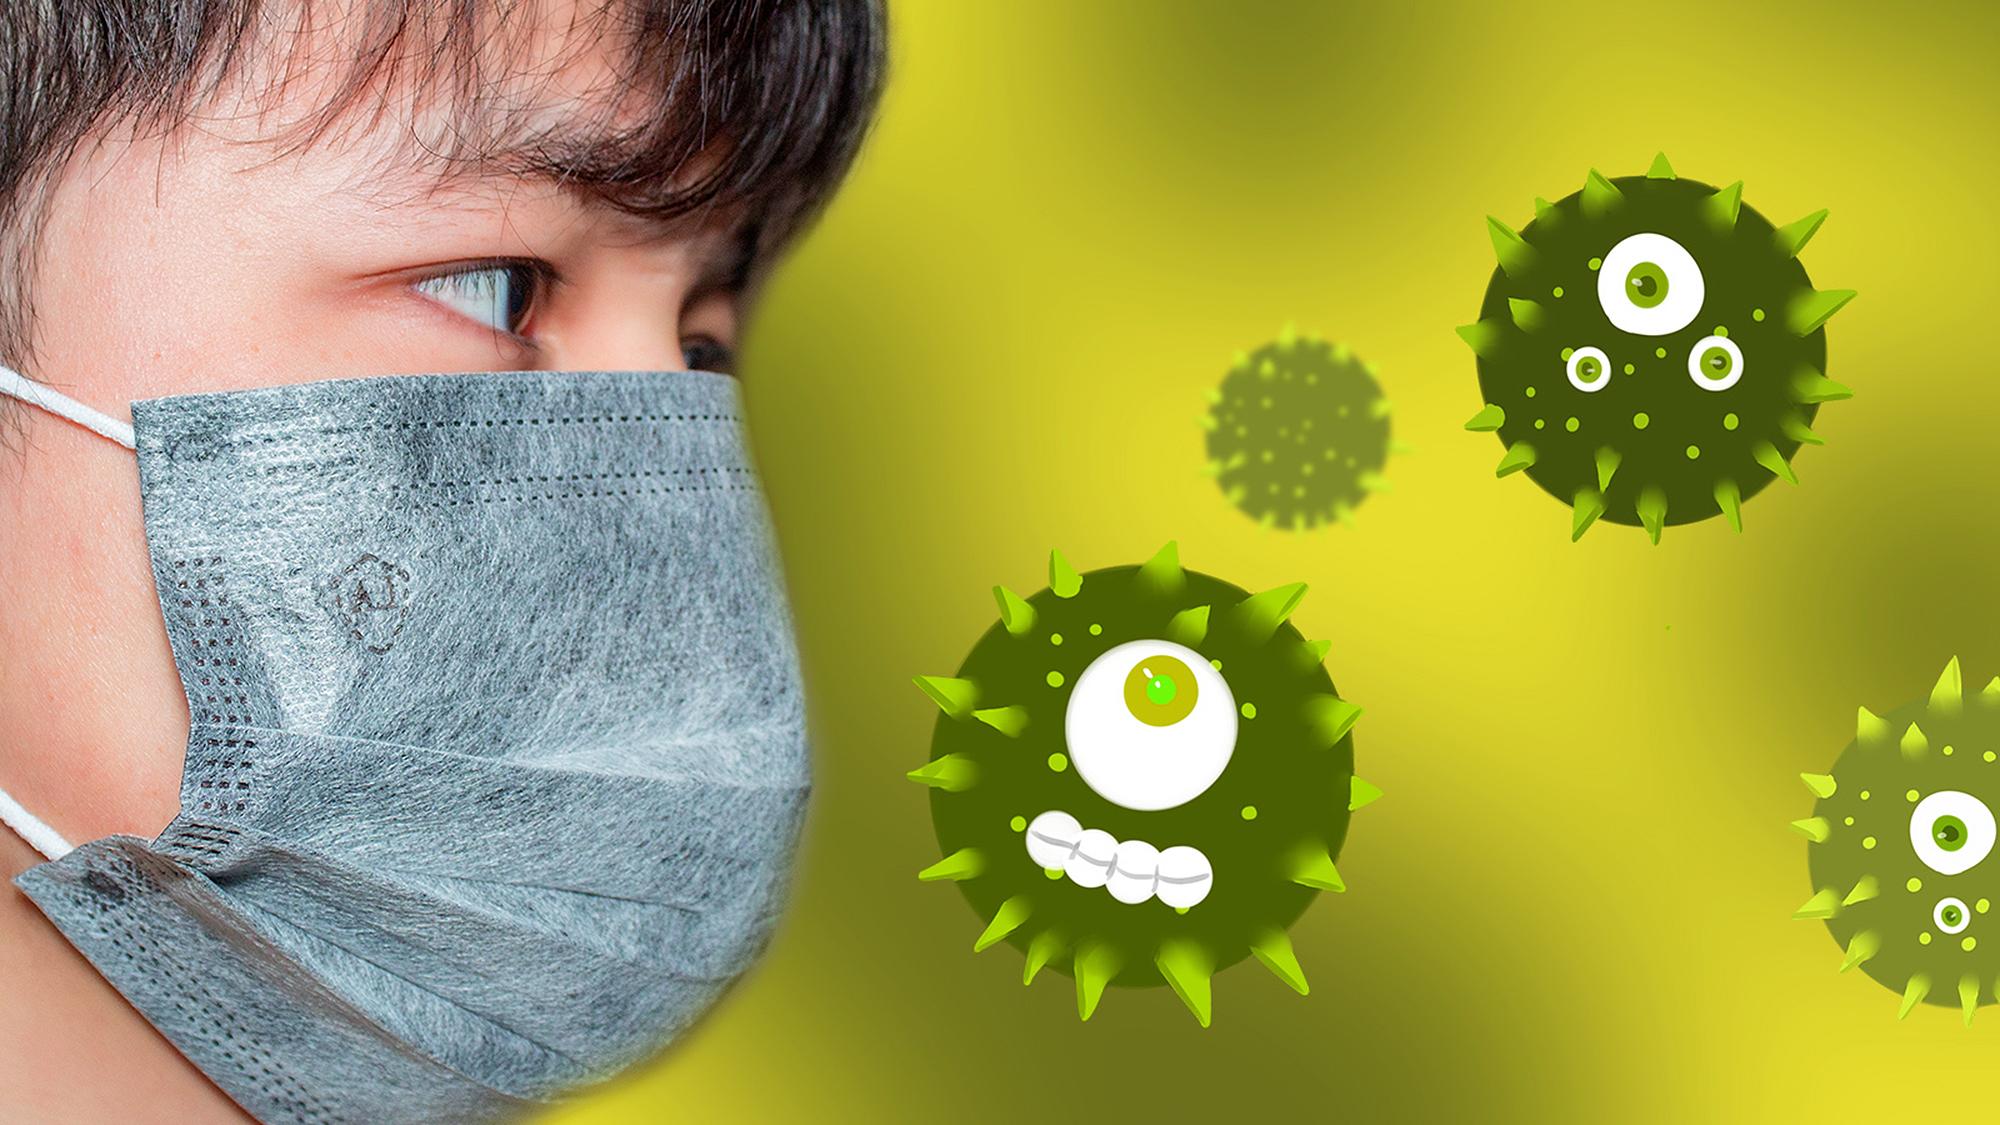 武漢肺炎疫情延燒,會燒到台灣汽車產業嗎?